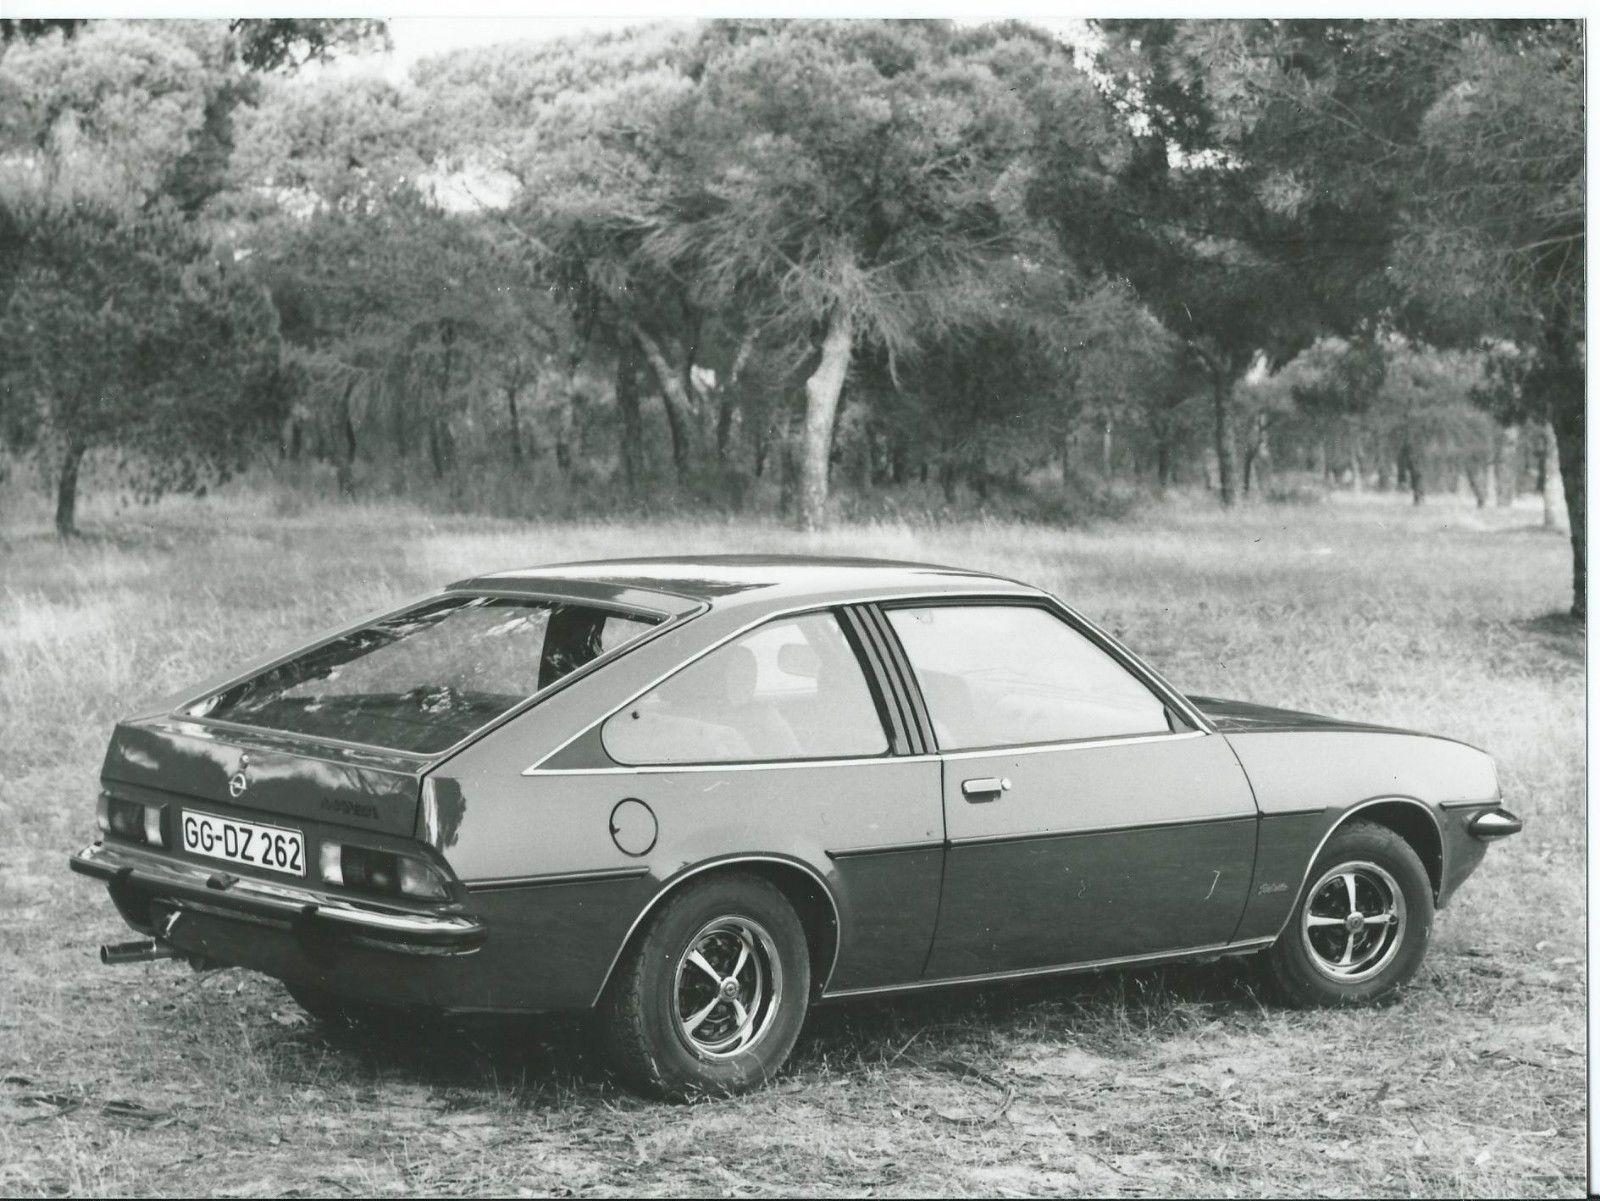 Opel manta cc berlinetta opel pinterest opel manta conditioning and originals - Opel manta berlinetta coupe ...